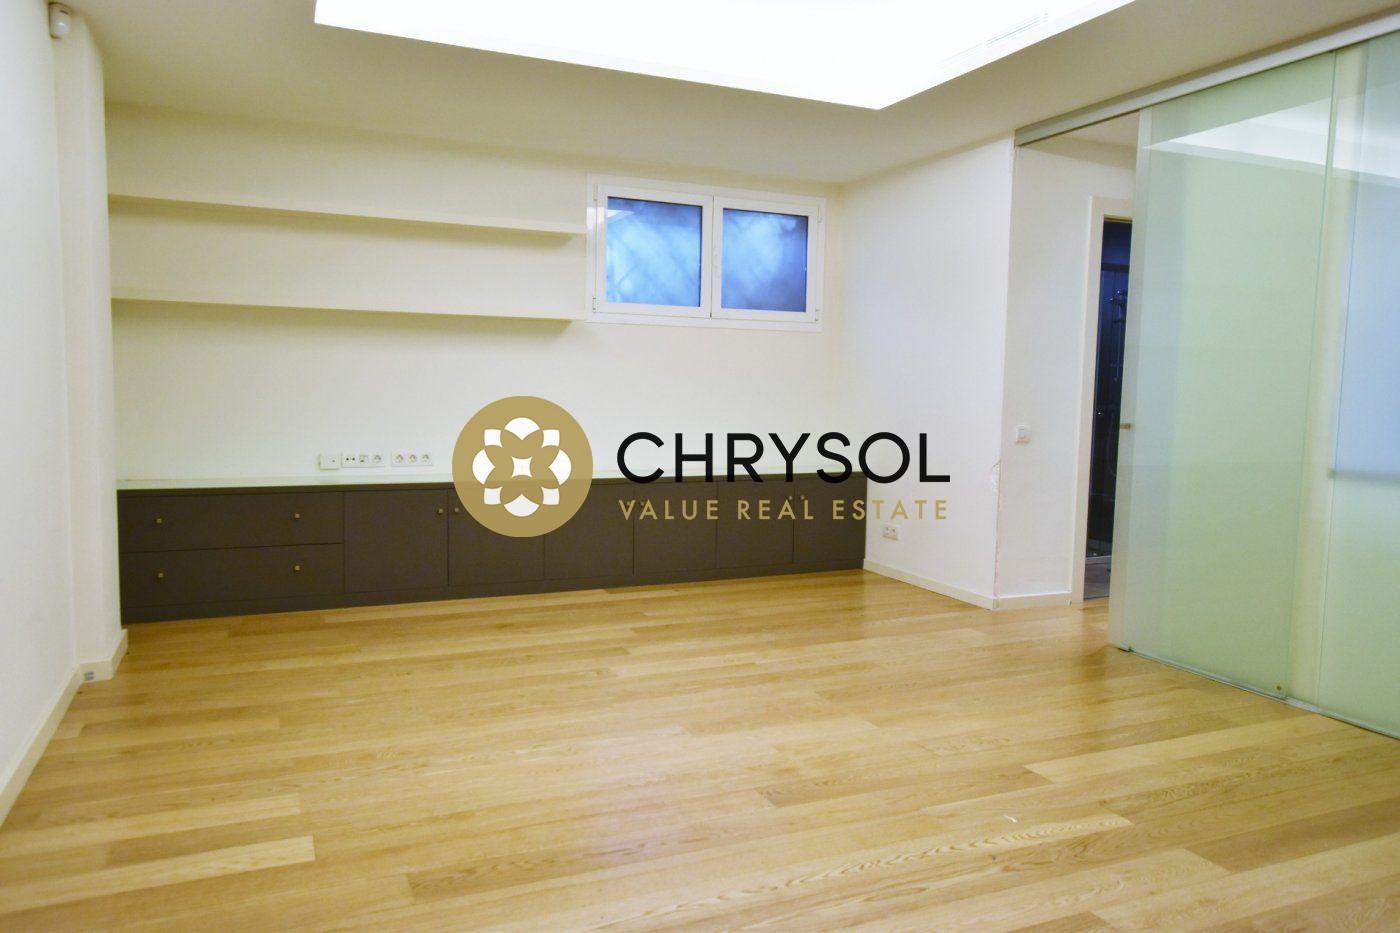 Fotogalería - 31 - Chrysol Value